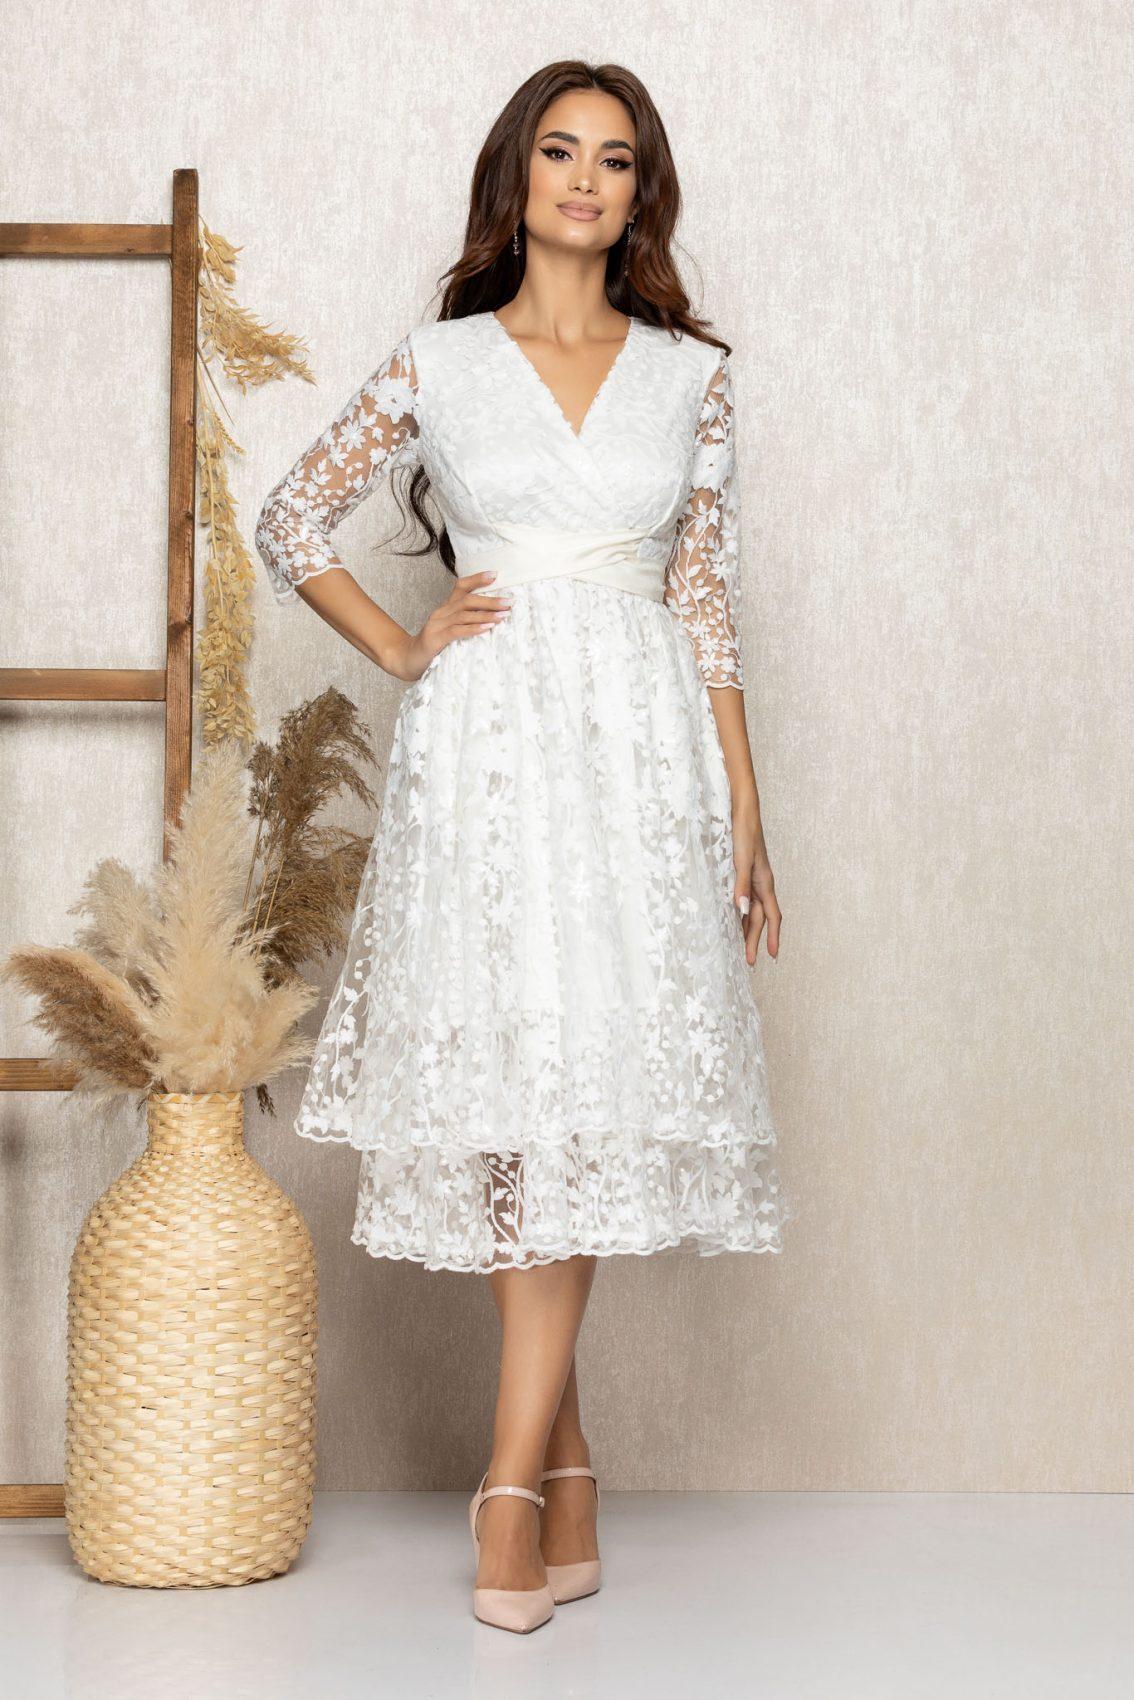 Λευκό Μίντι Νυφικό Φόρεμα Jolie T306 3